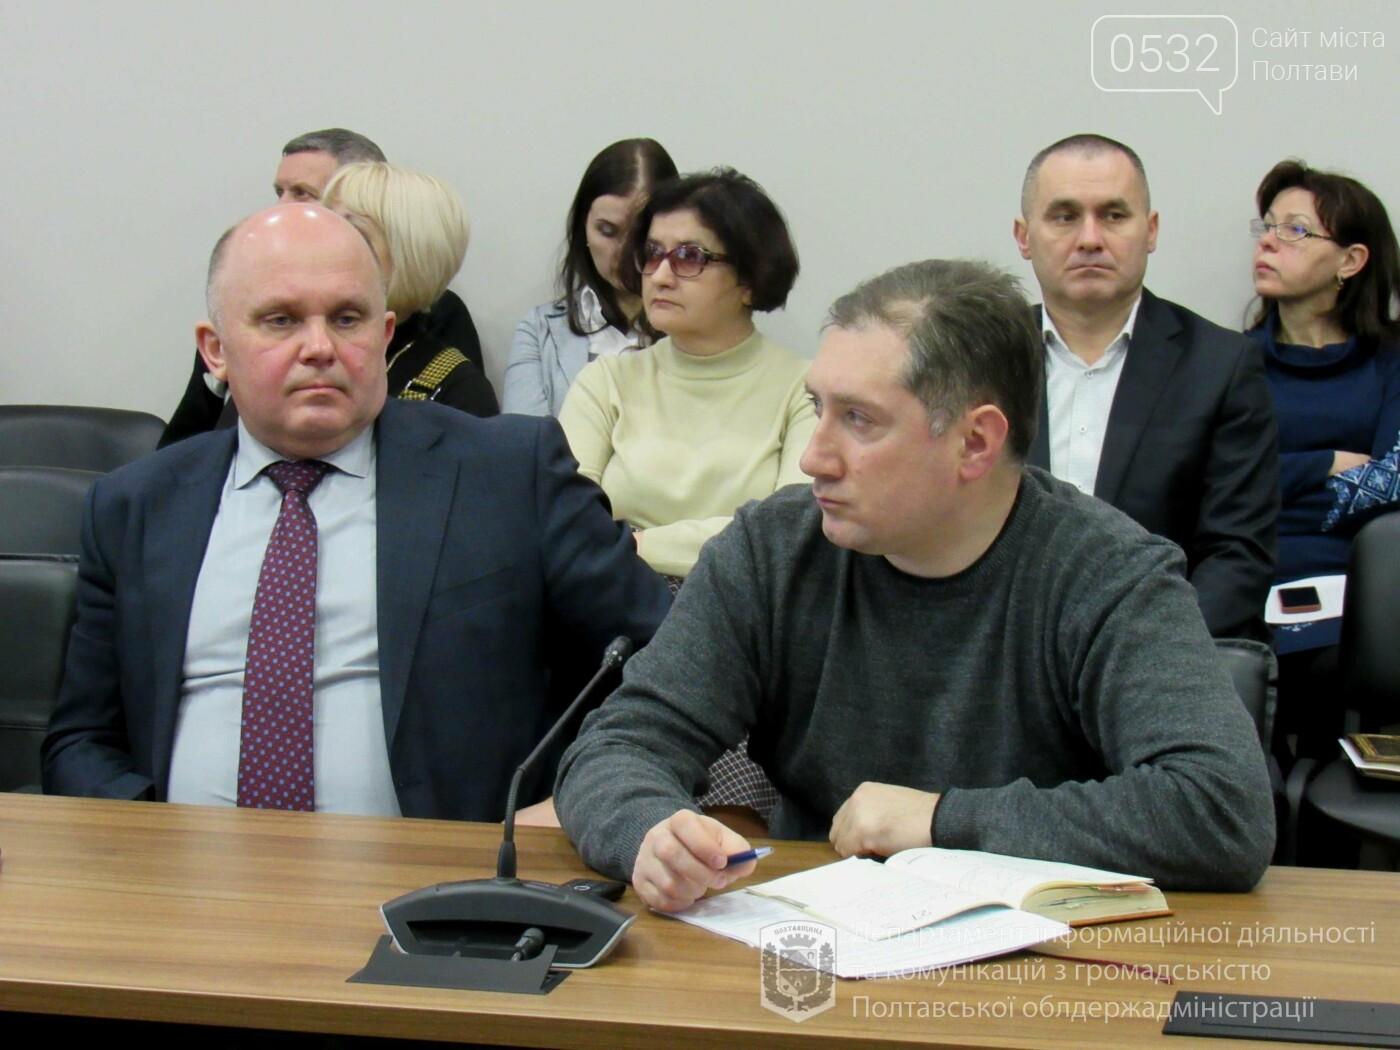 У 2020 році 2,4 мільярда гривень спрямують на субсидії та пільги в Полтавській області, фото-2